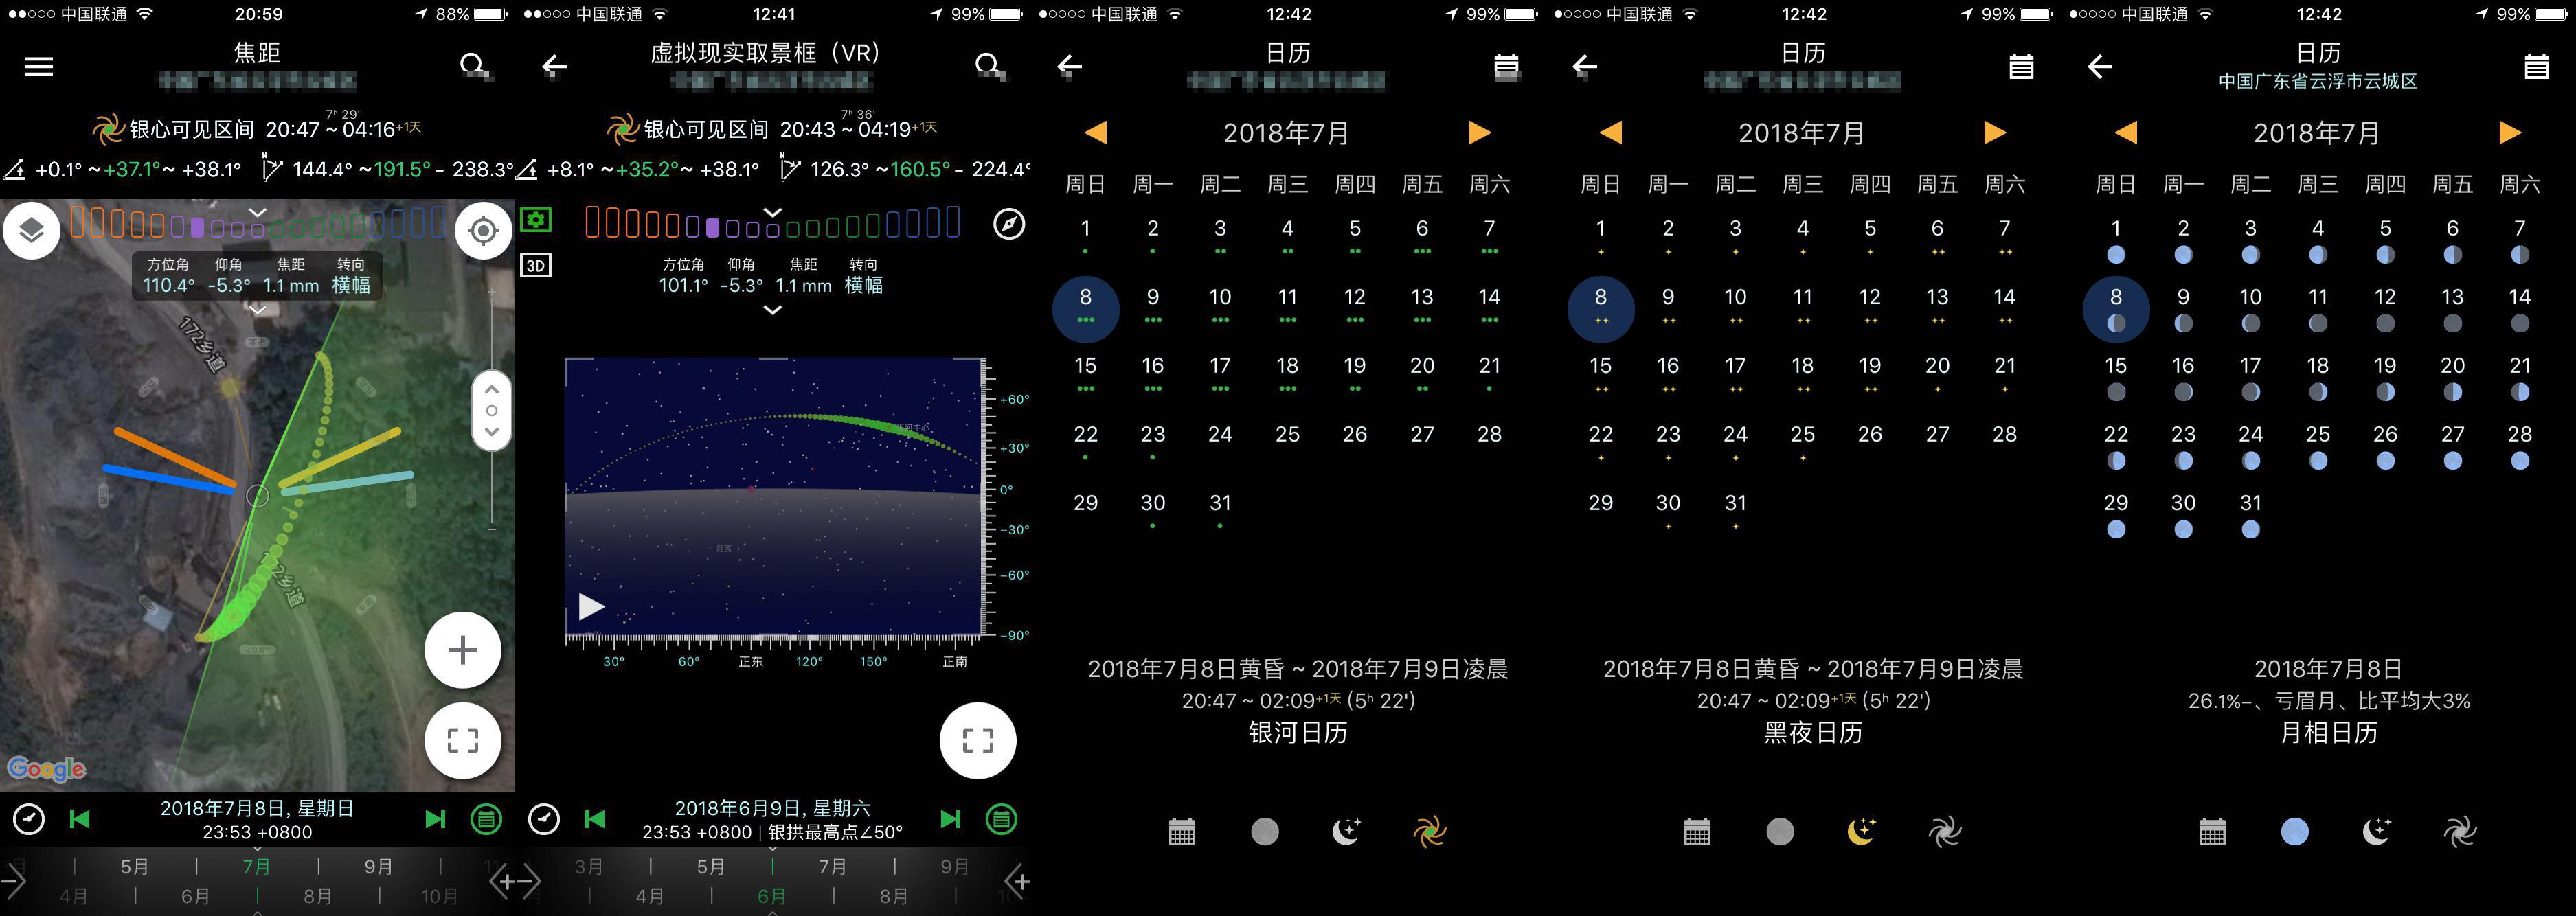 夜观天象:预测天气,轻松拍云海星空